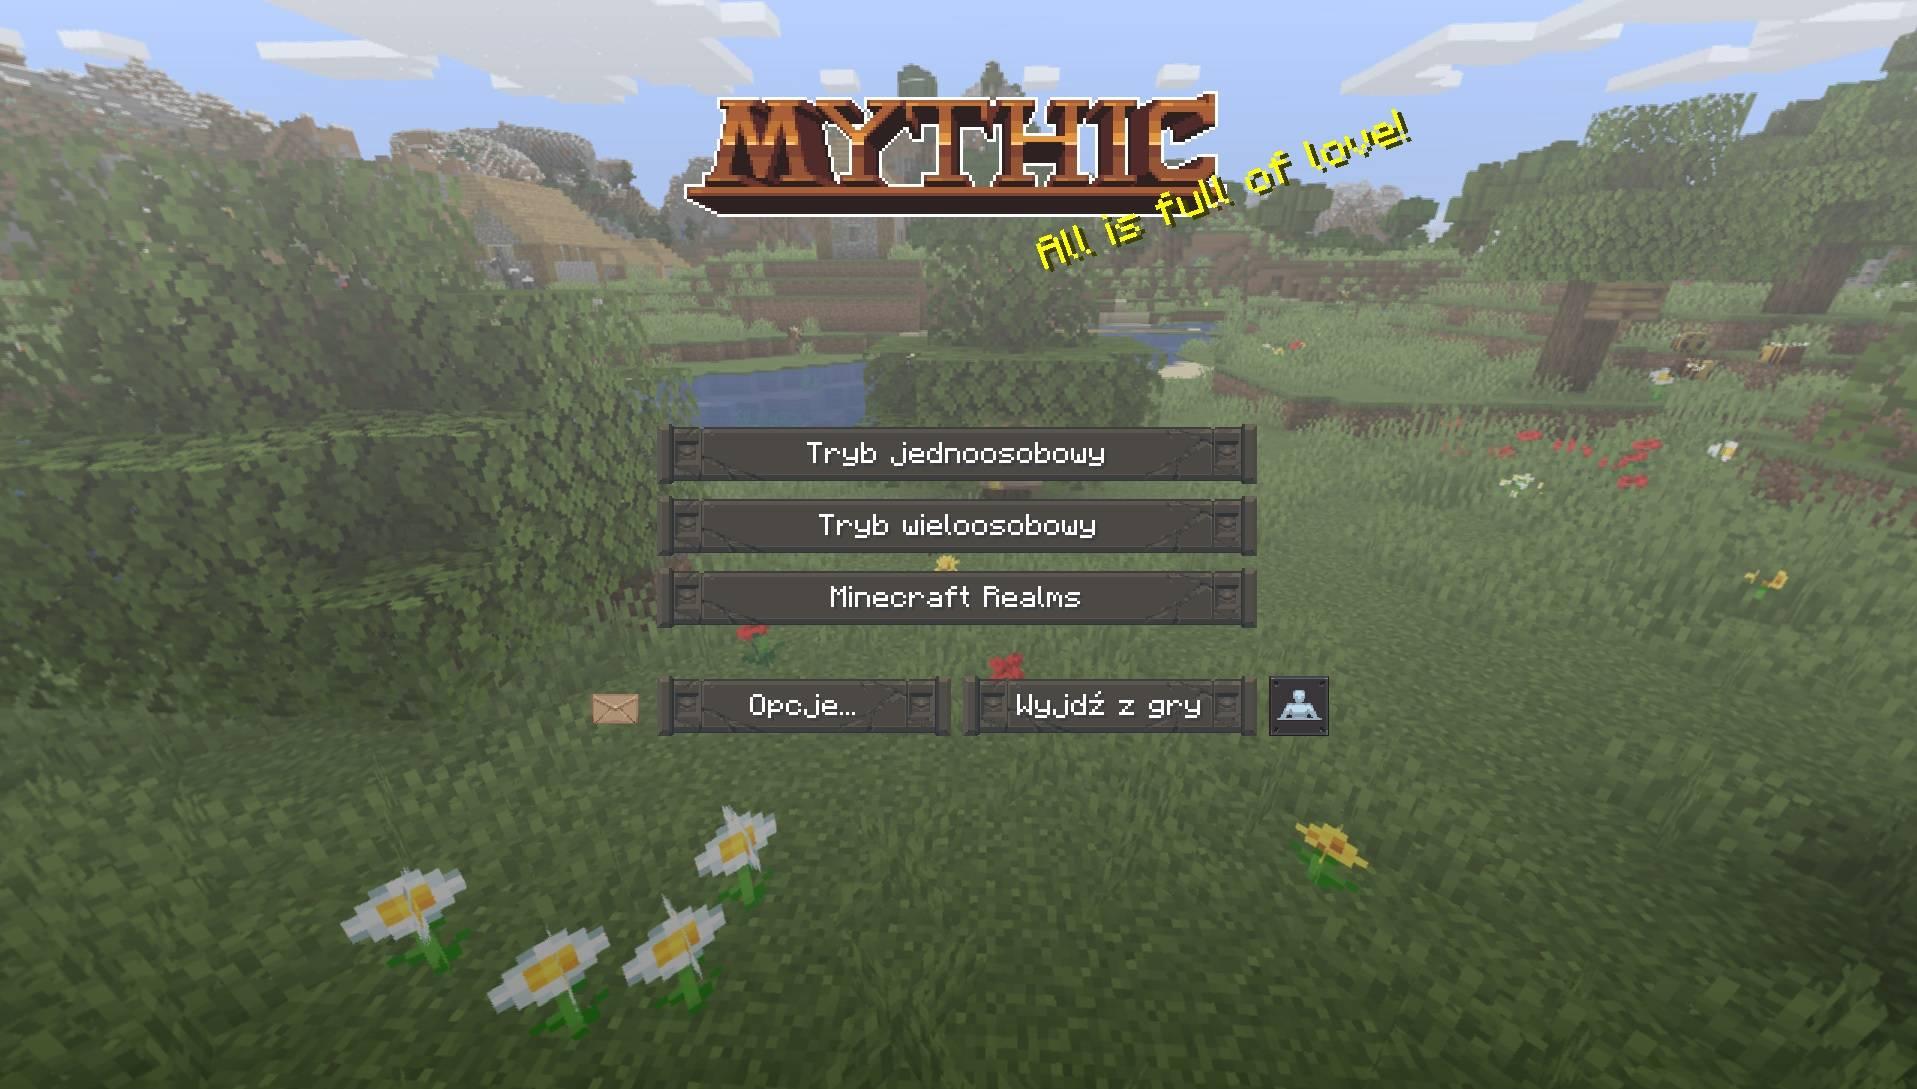 MYTHIC paczka tekstur zasobow 1.15 1.14.4 ekran startowy minecraft